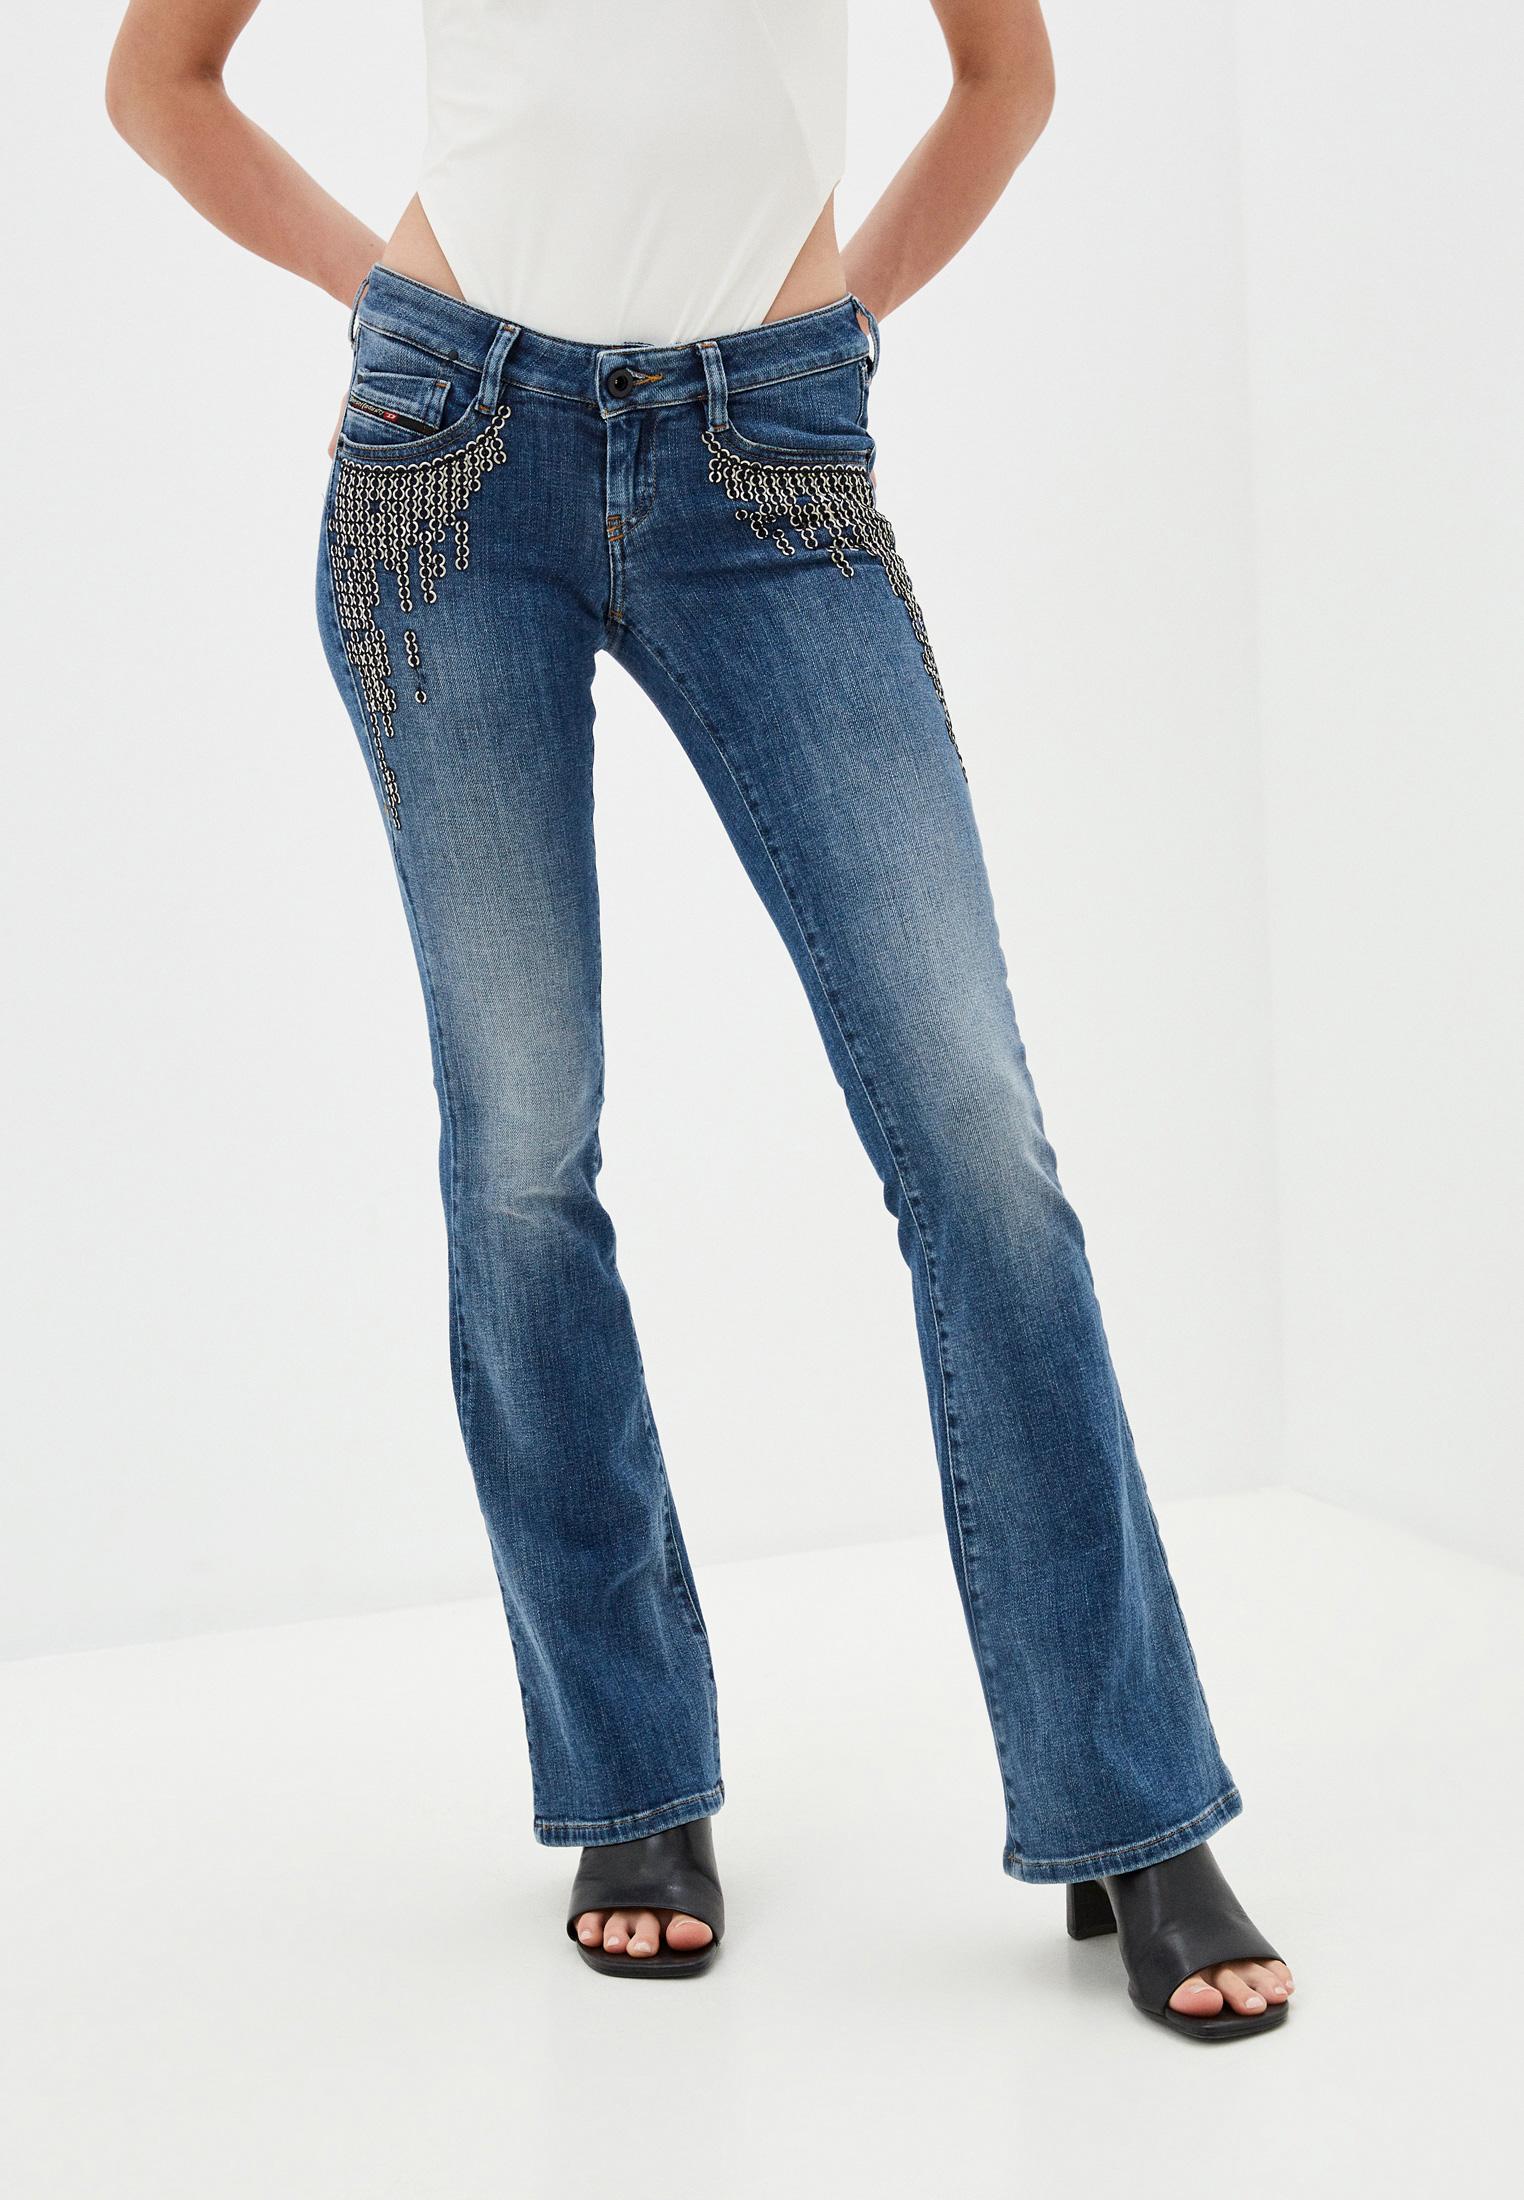 Широкие и расклешенные джинсы Diesel (Дизель) Джинсы Diesel